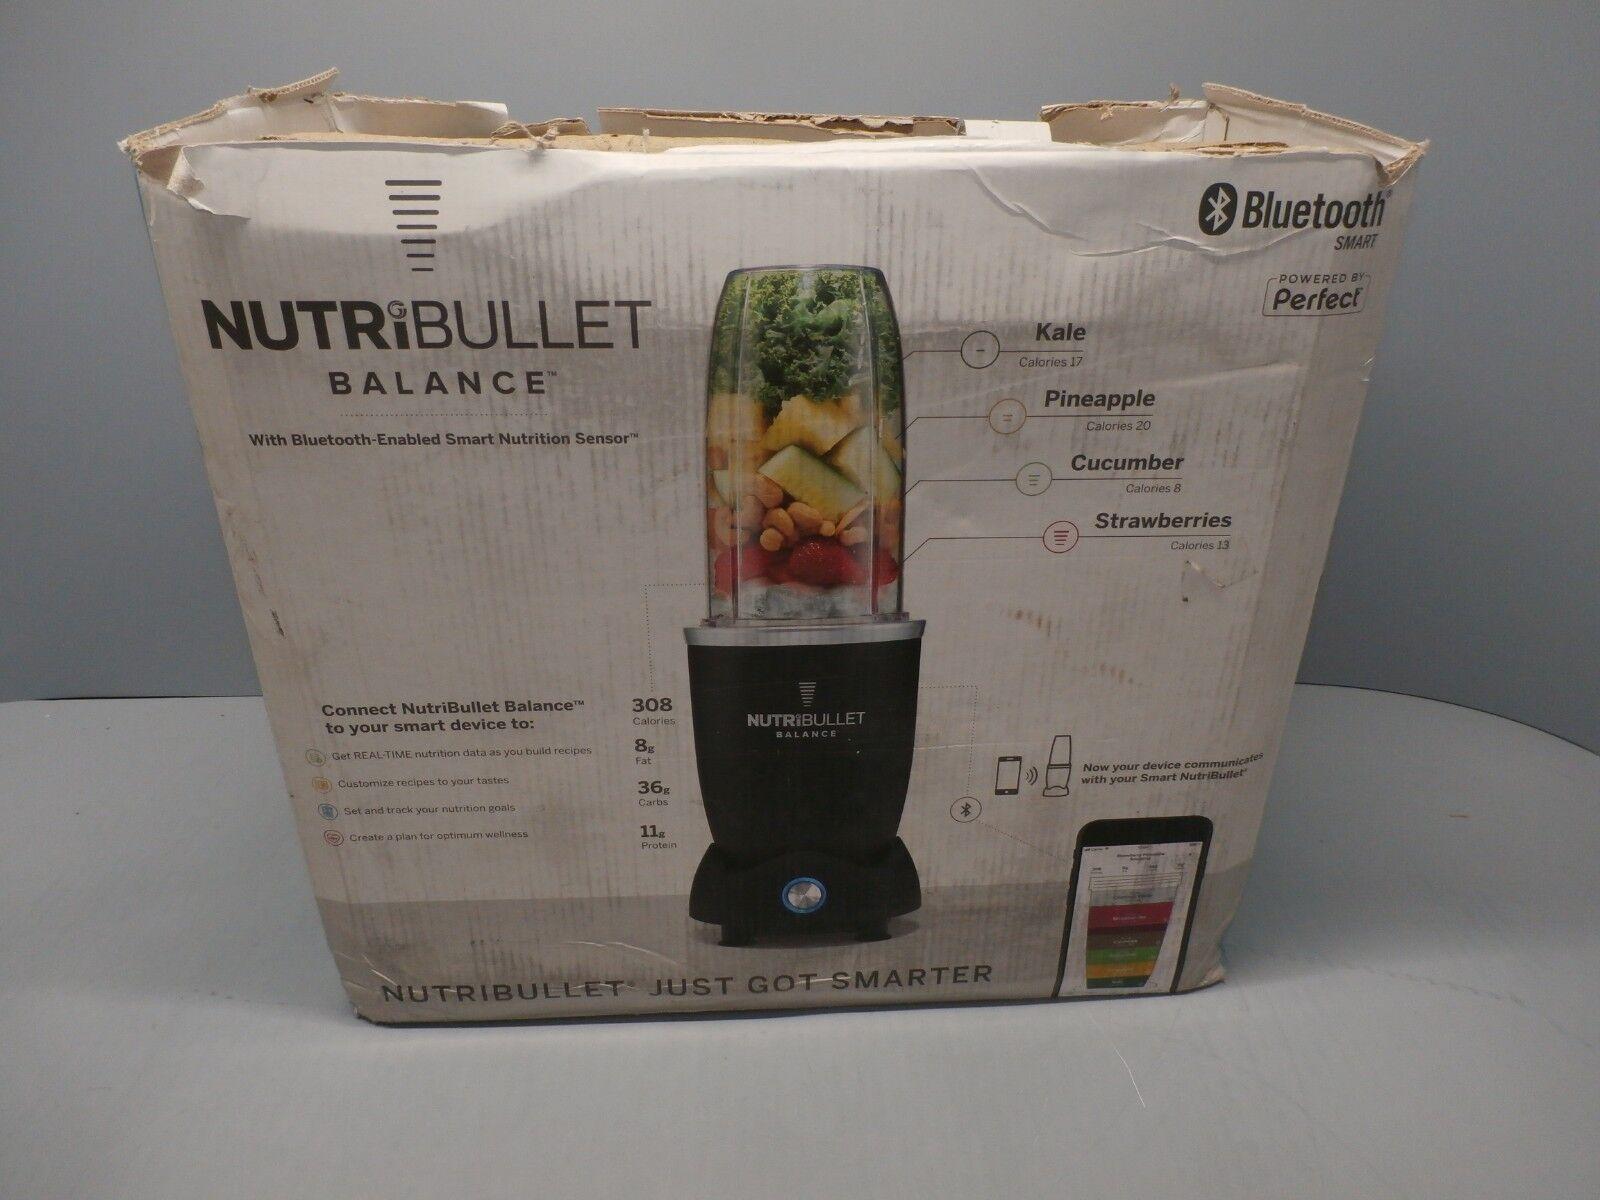 Nouveau Solde NutriBullet avec bleutooth Smart Nutrition Capteur